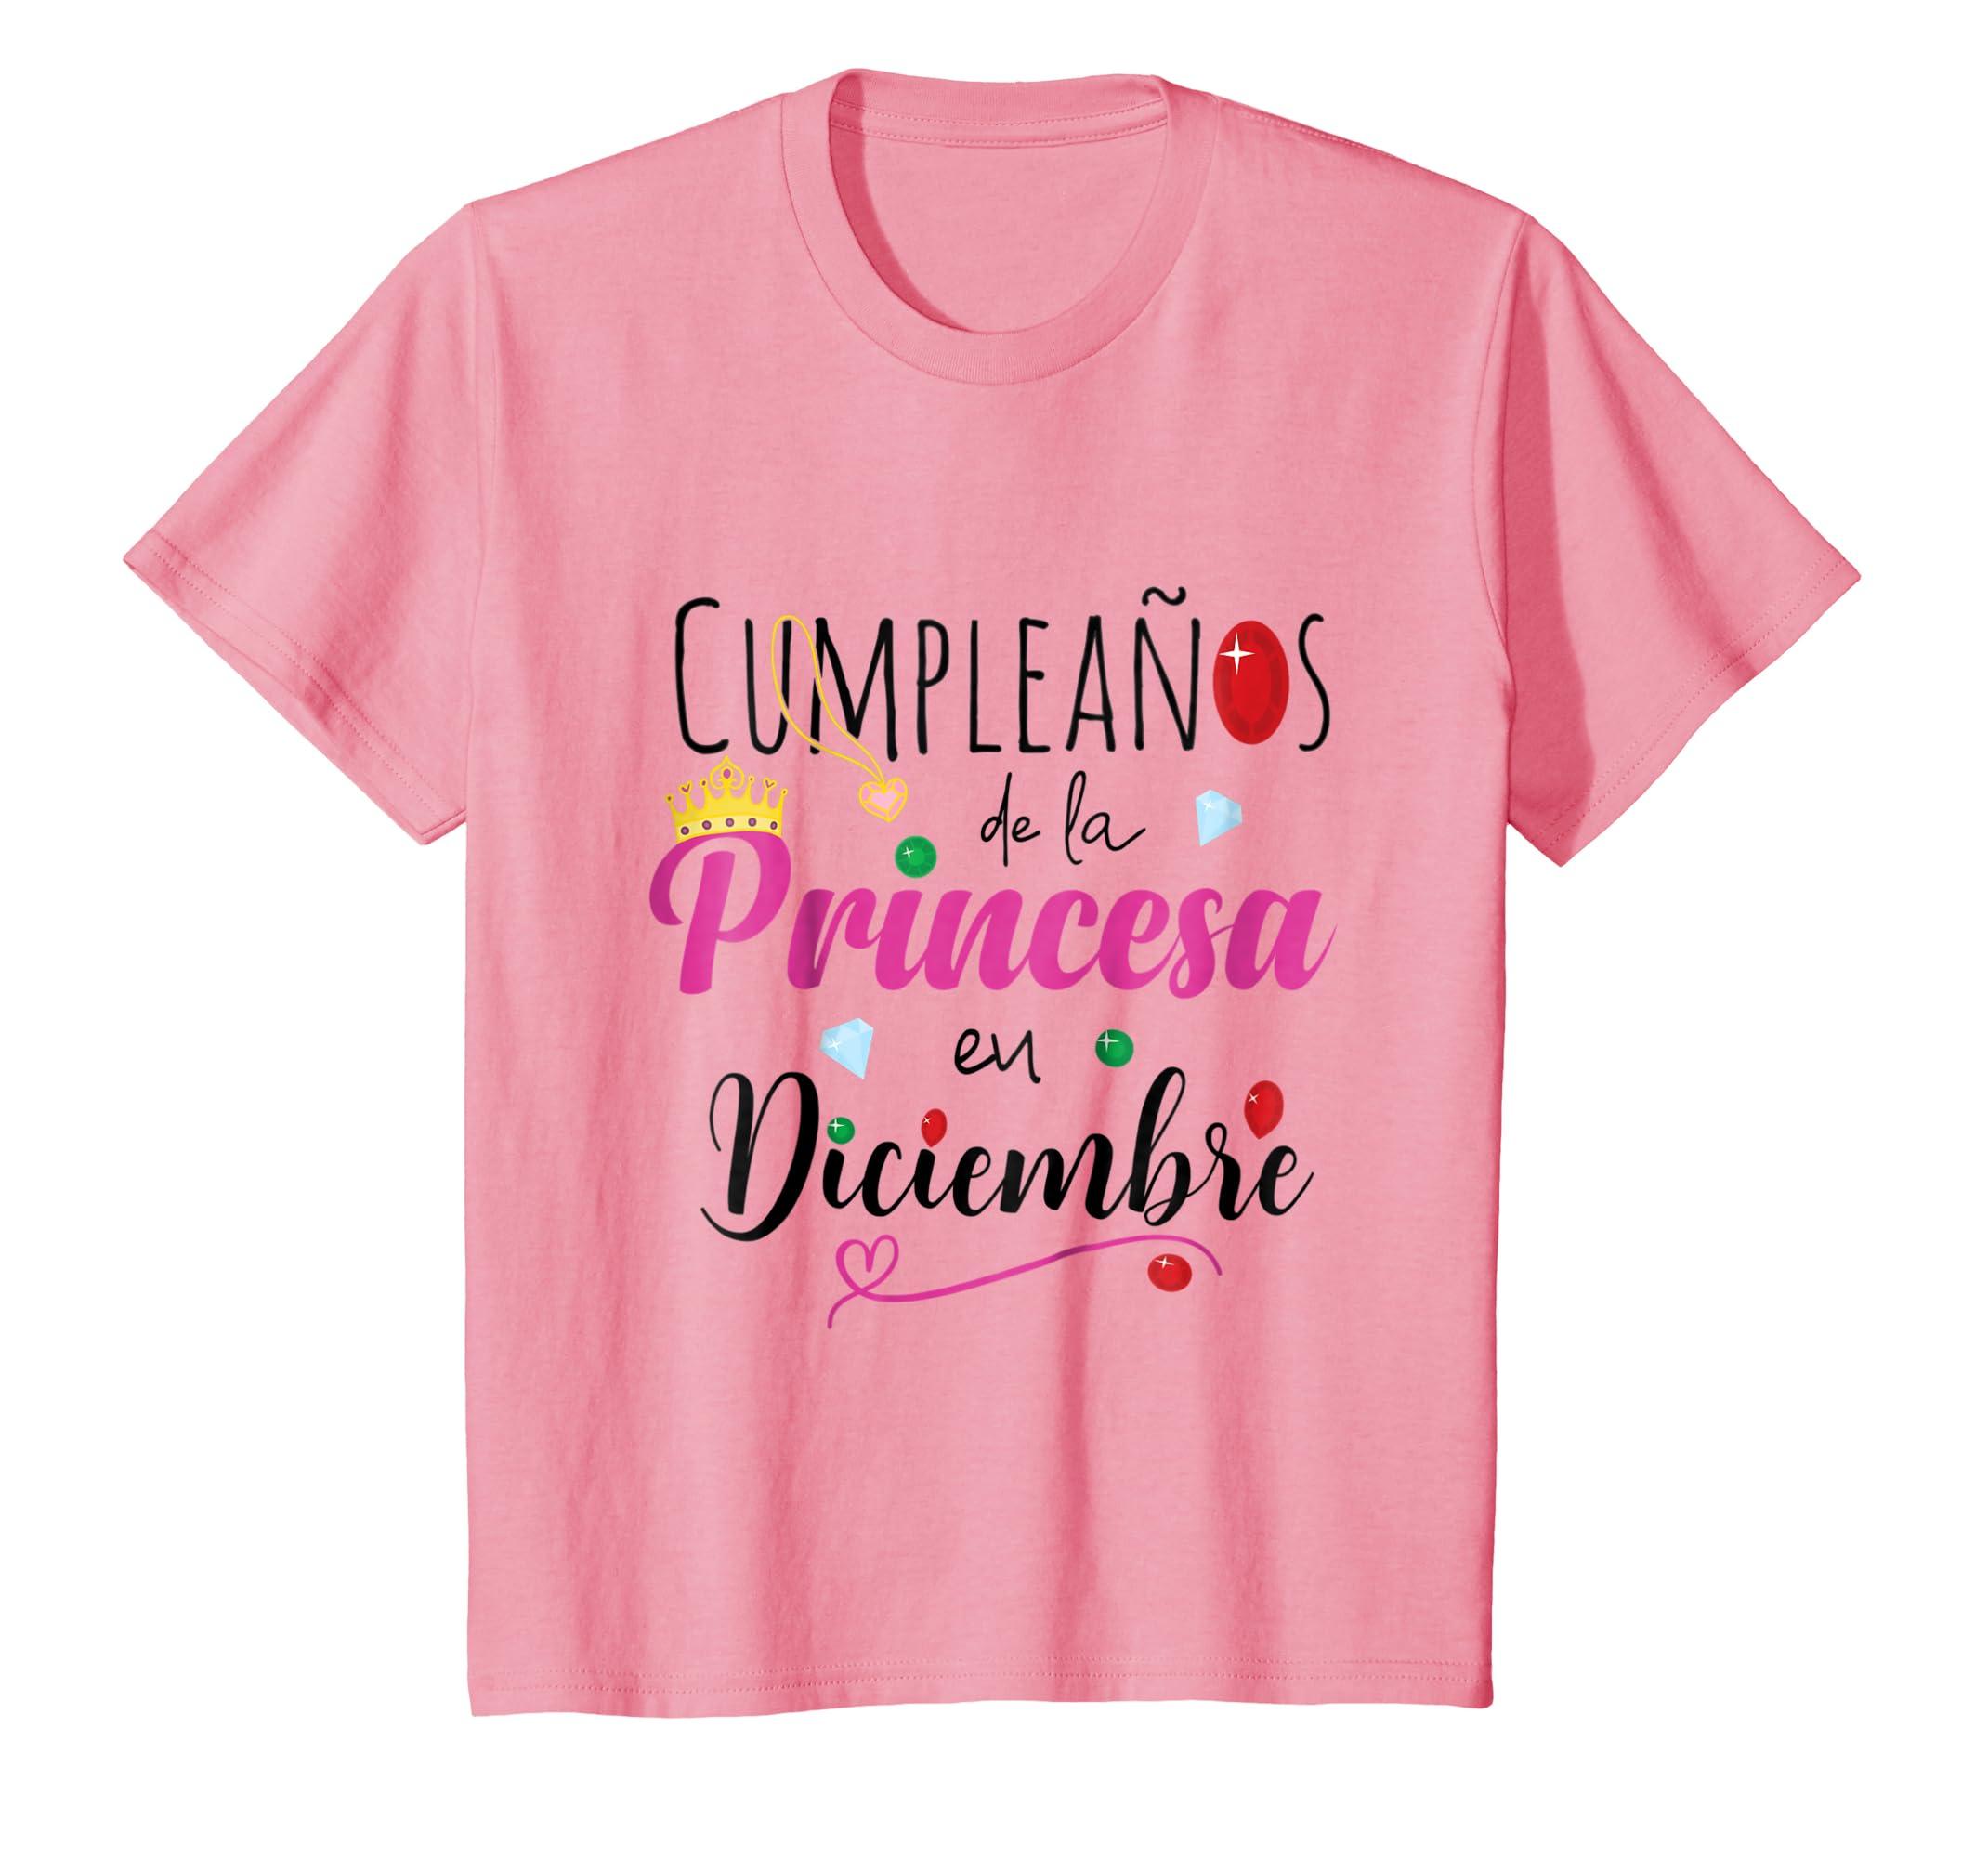 Amazon.com: Cumpleanos de la Princesa Diciembre Camiseta ...